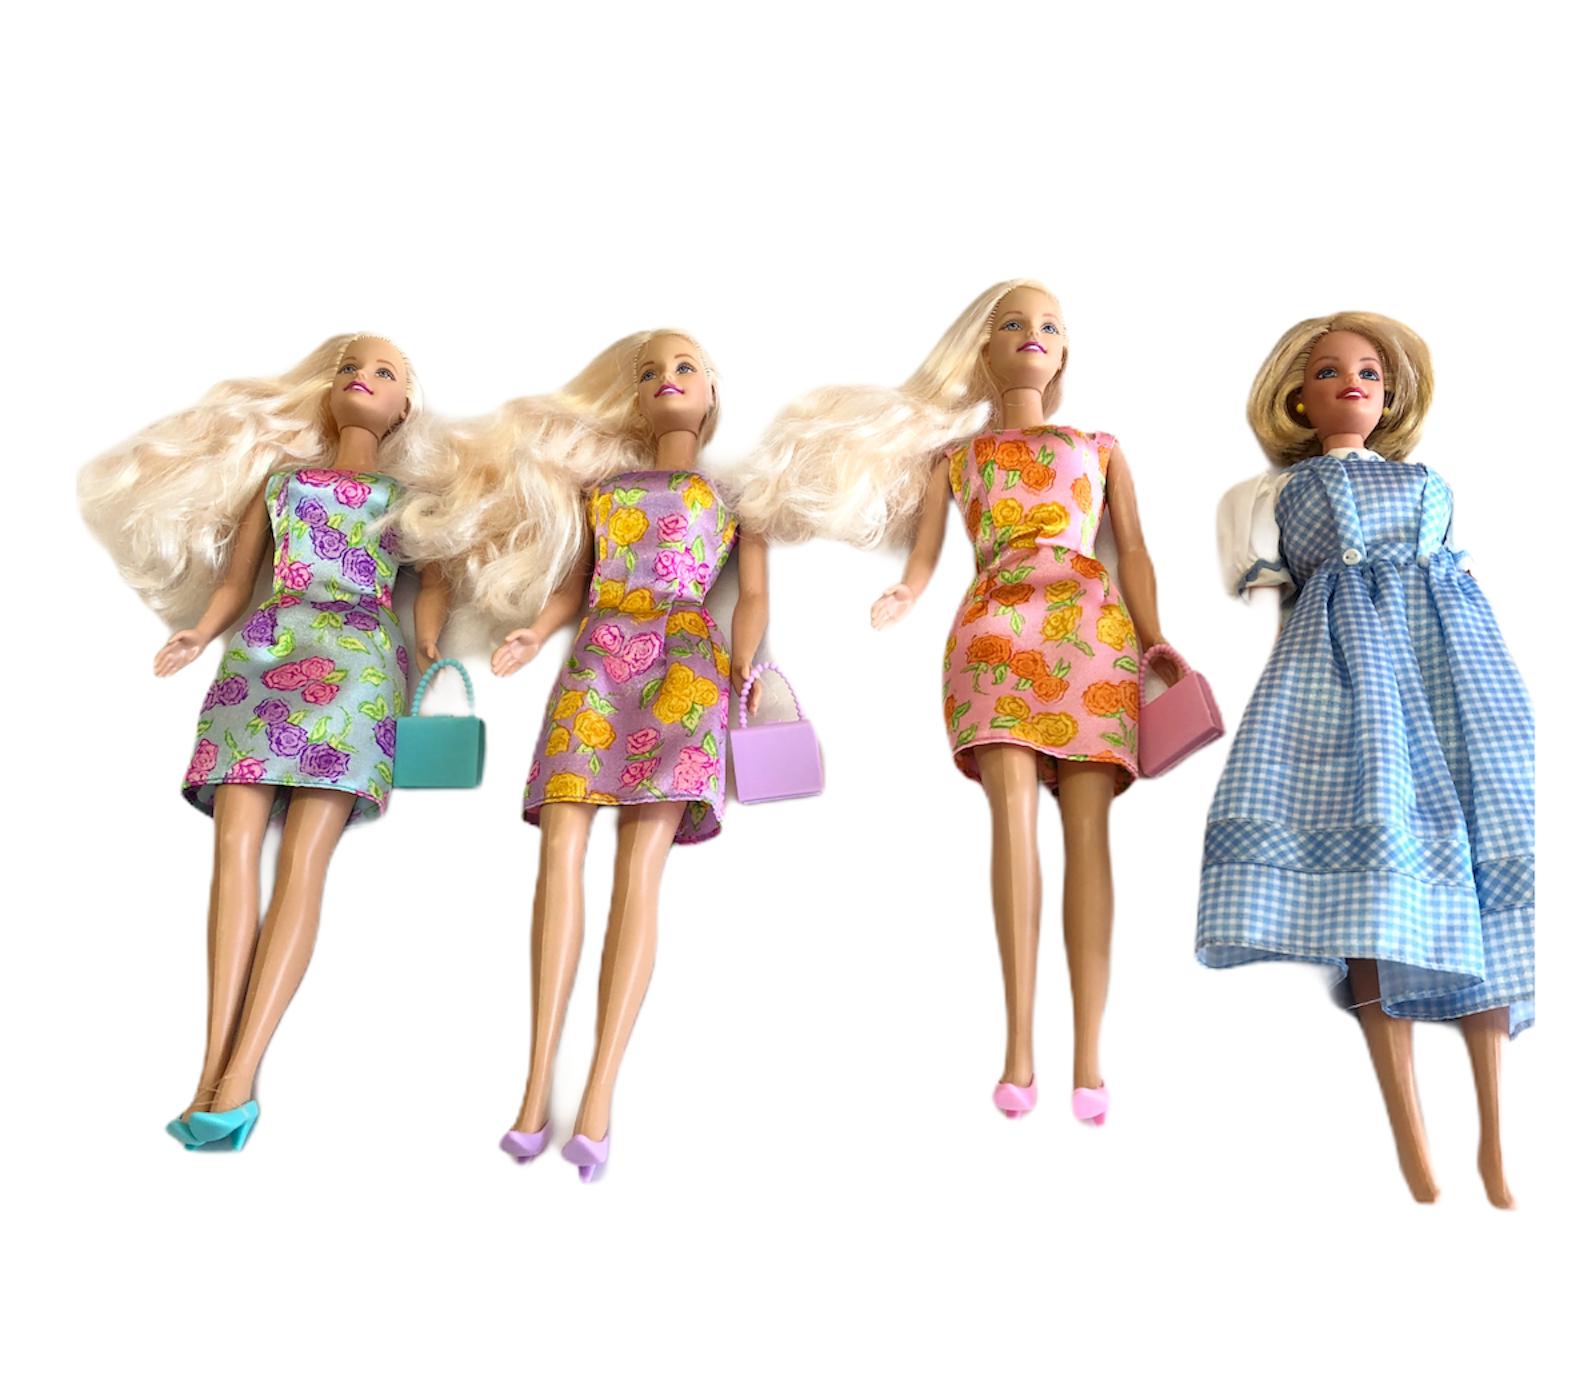 """4 Barbie Doll 12"""" Ear rings 1998 Head/1966 Body-Mattel, 1 1966 body w/1976 head - $49.49"""